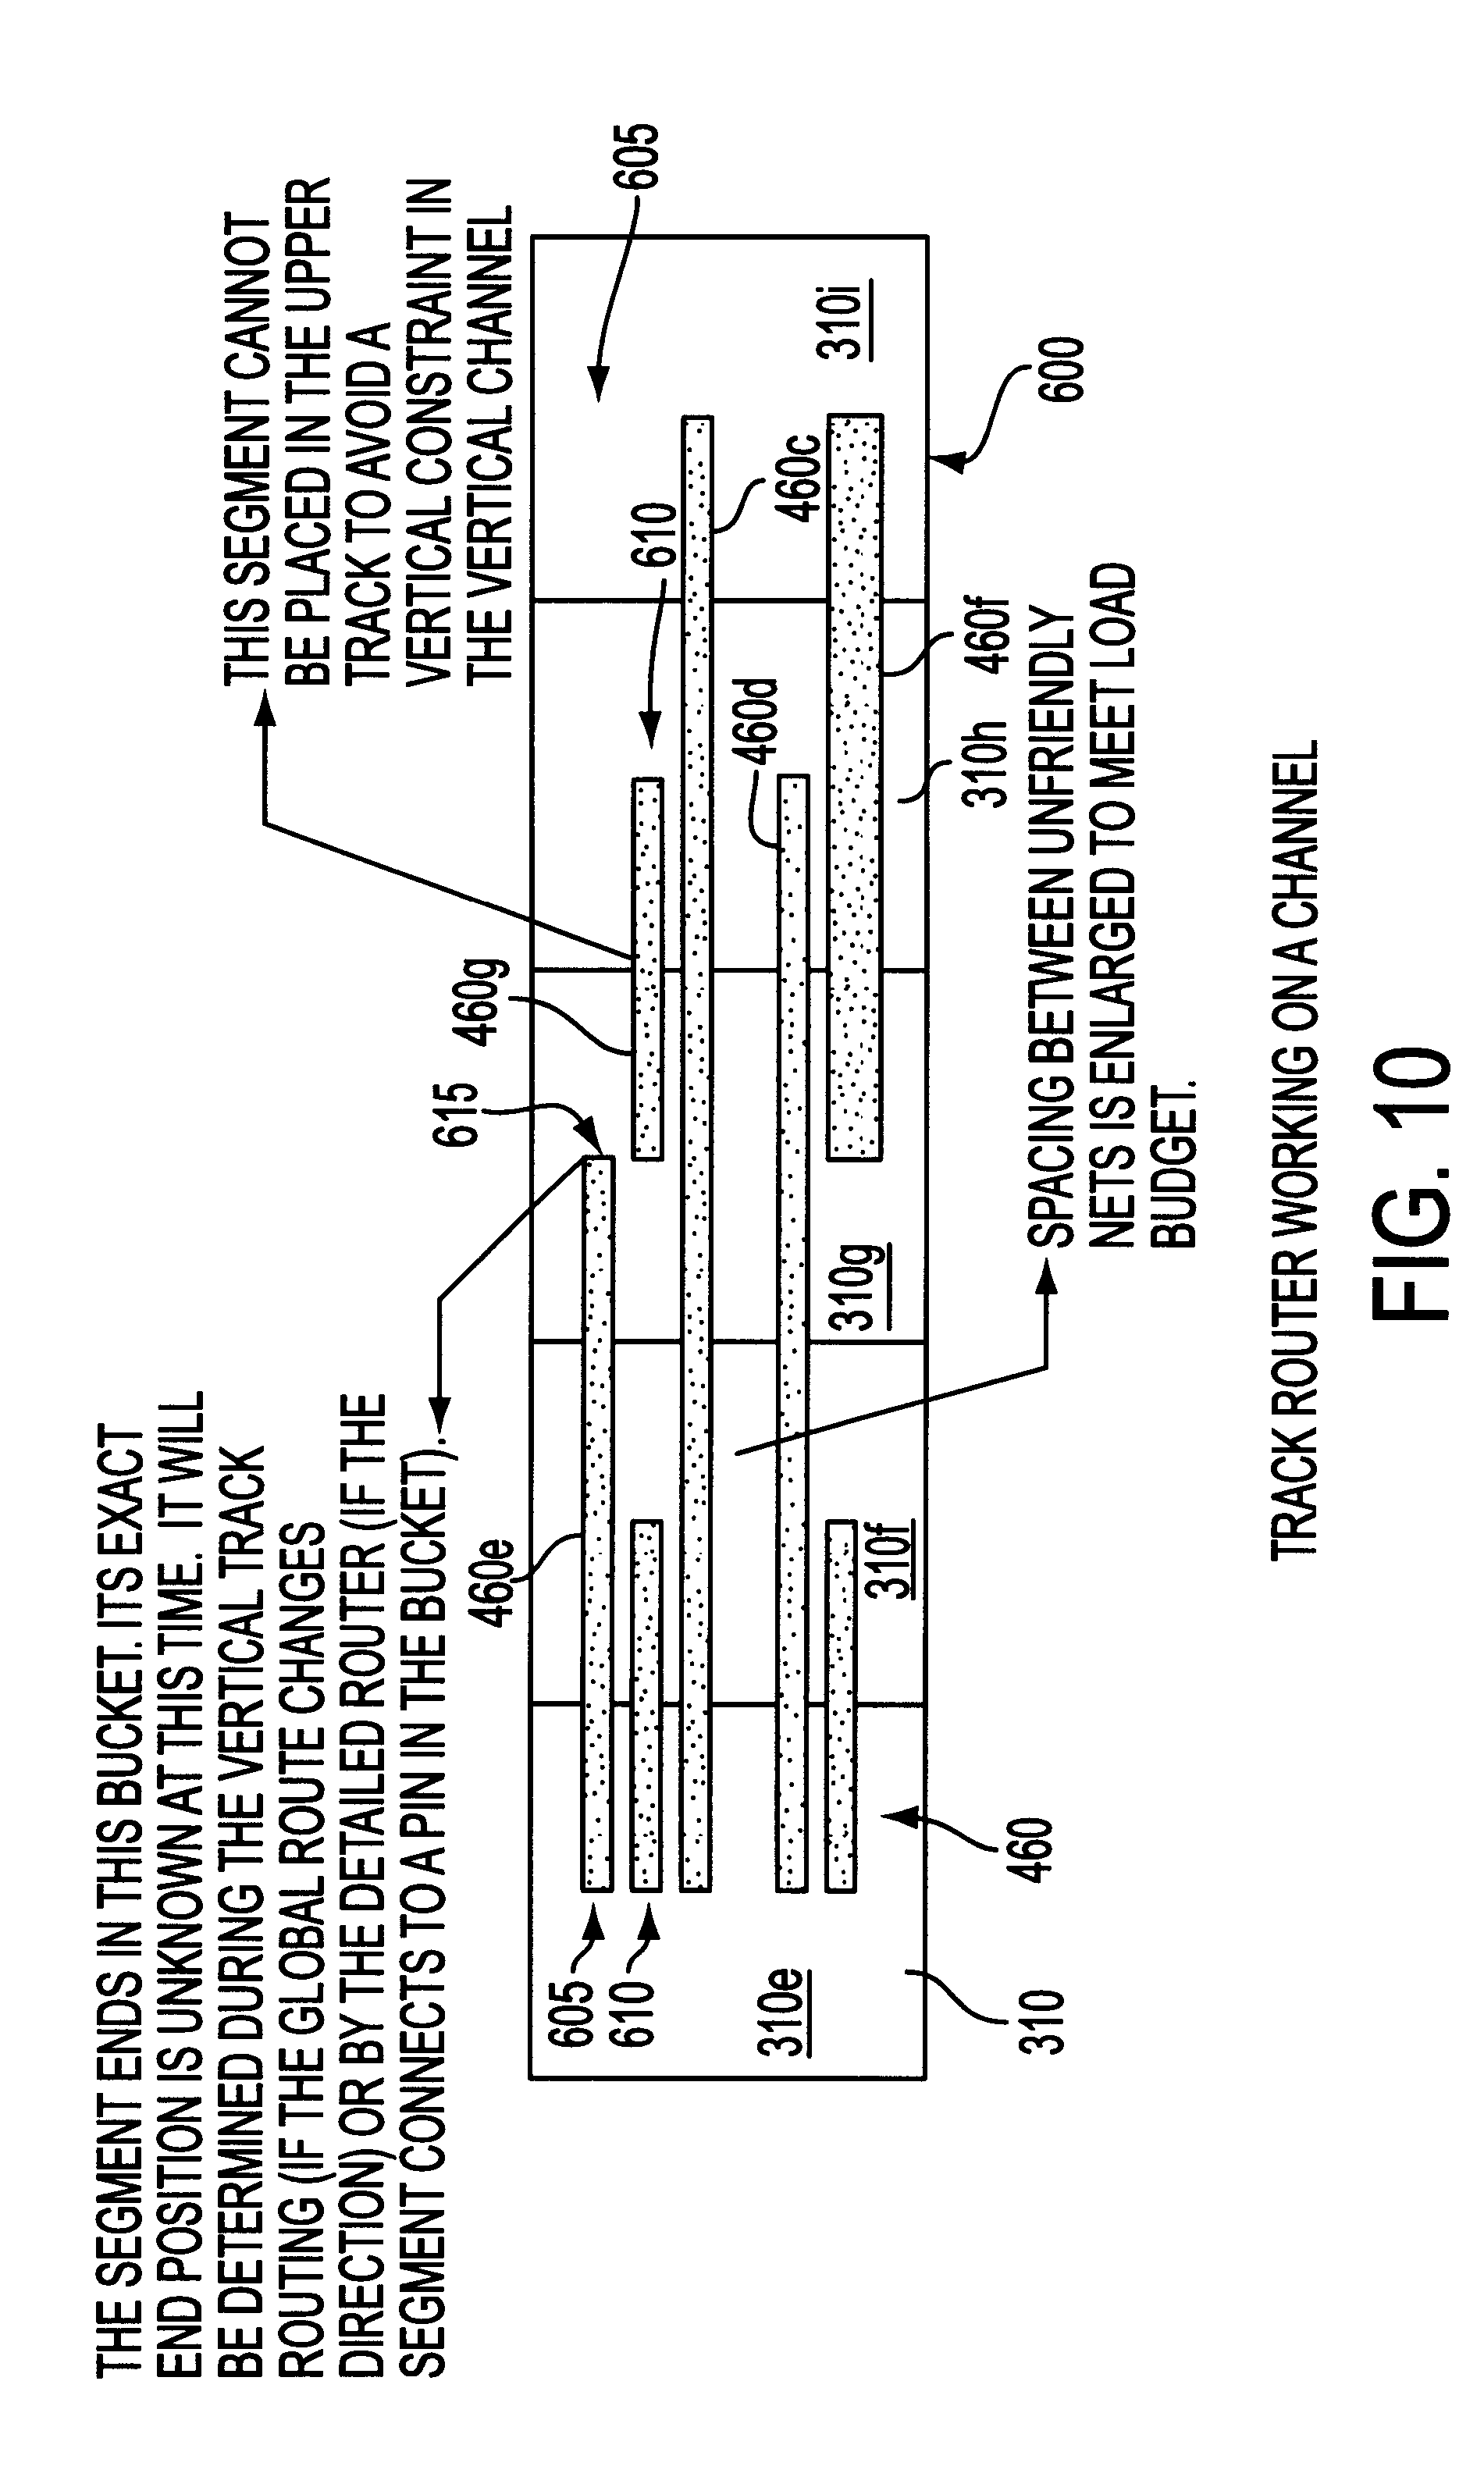 patent us6230304